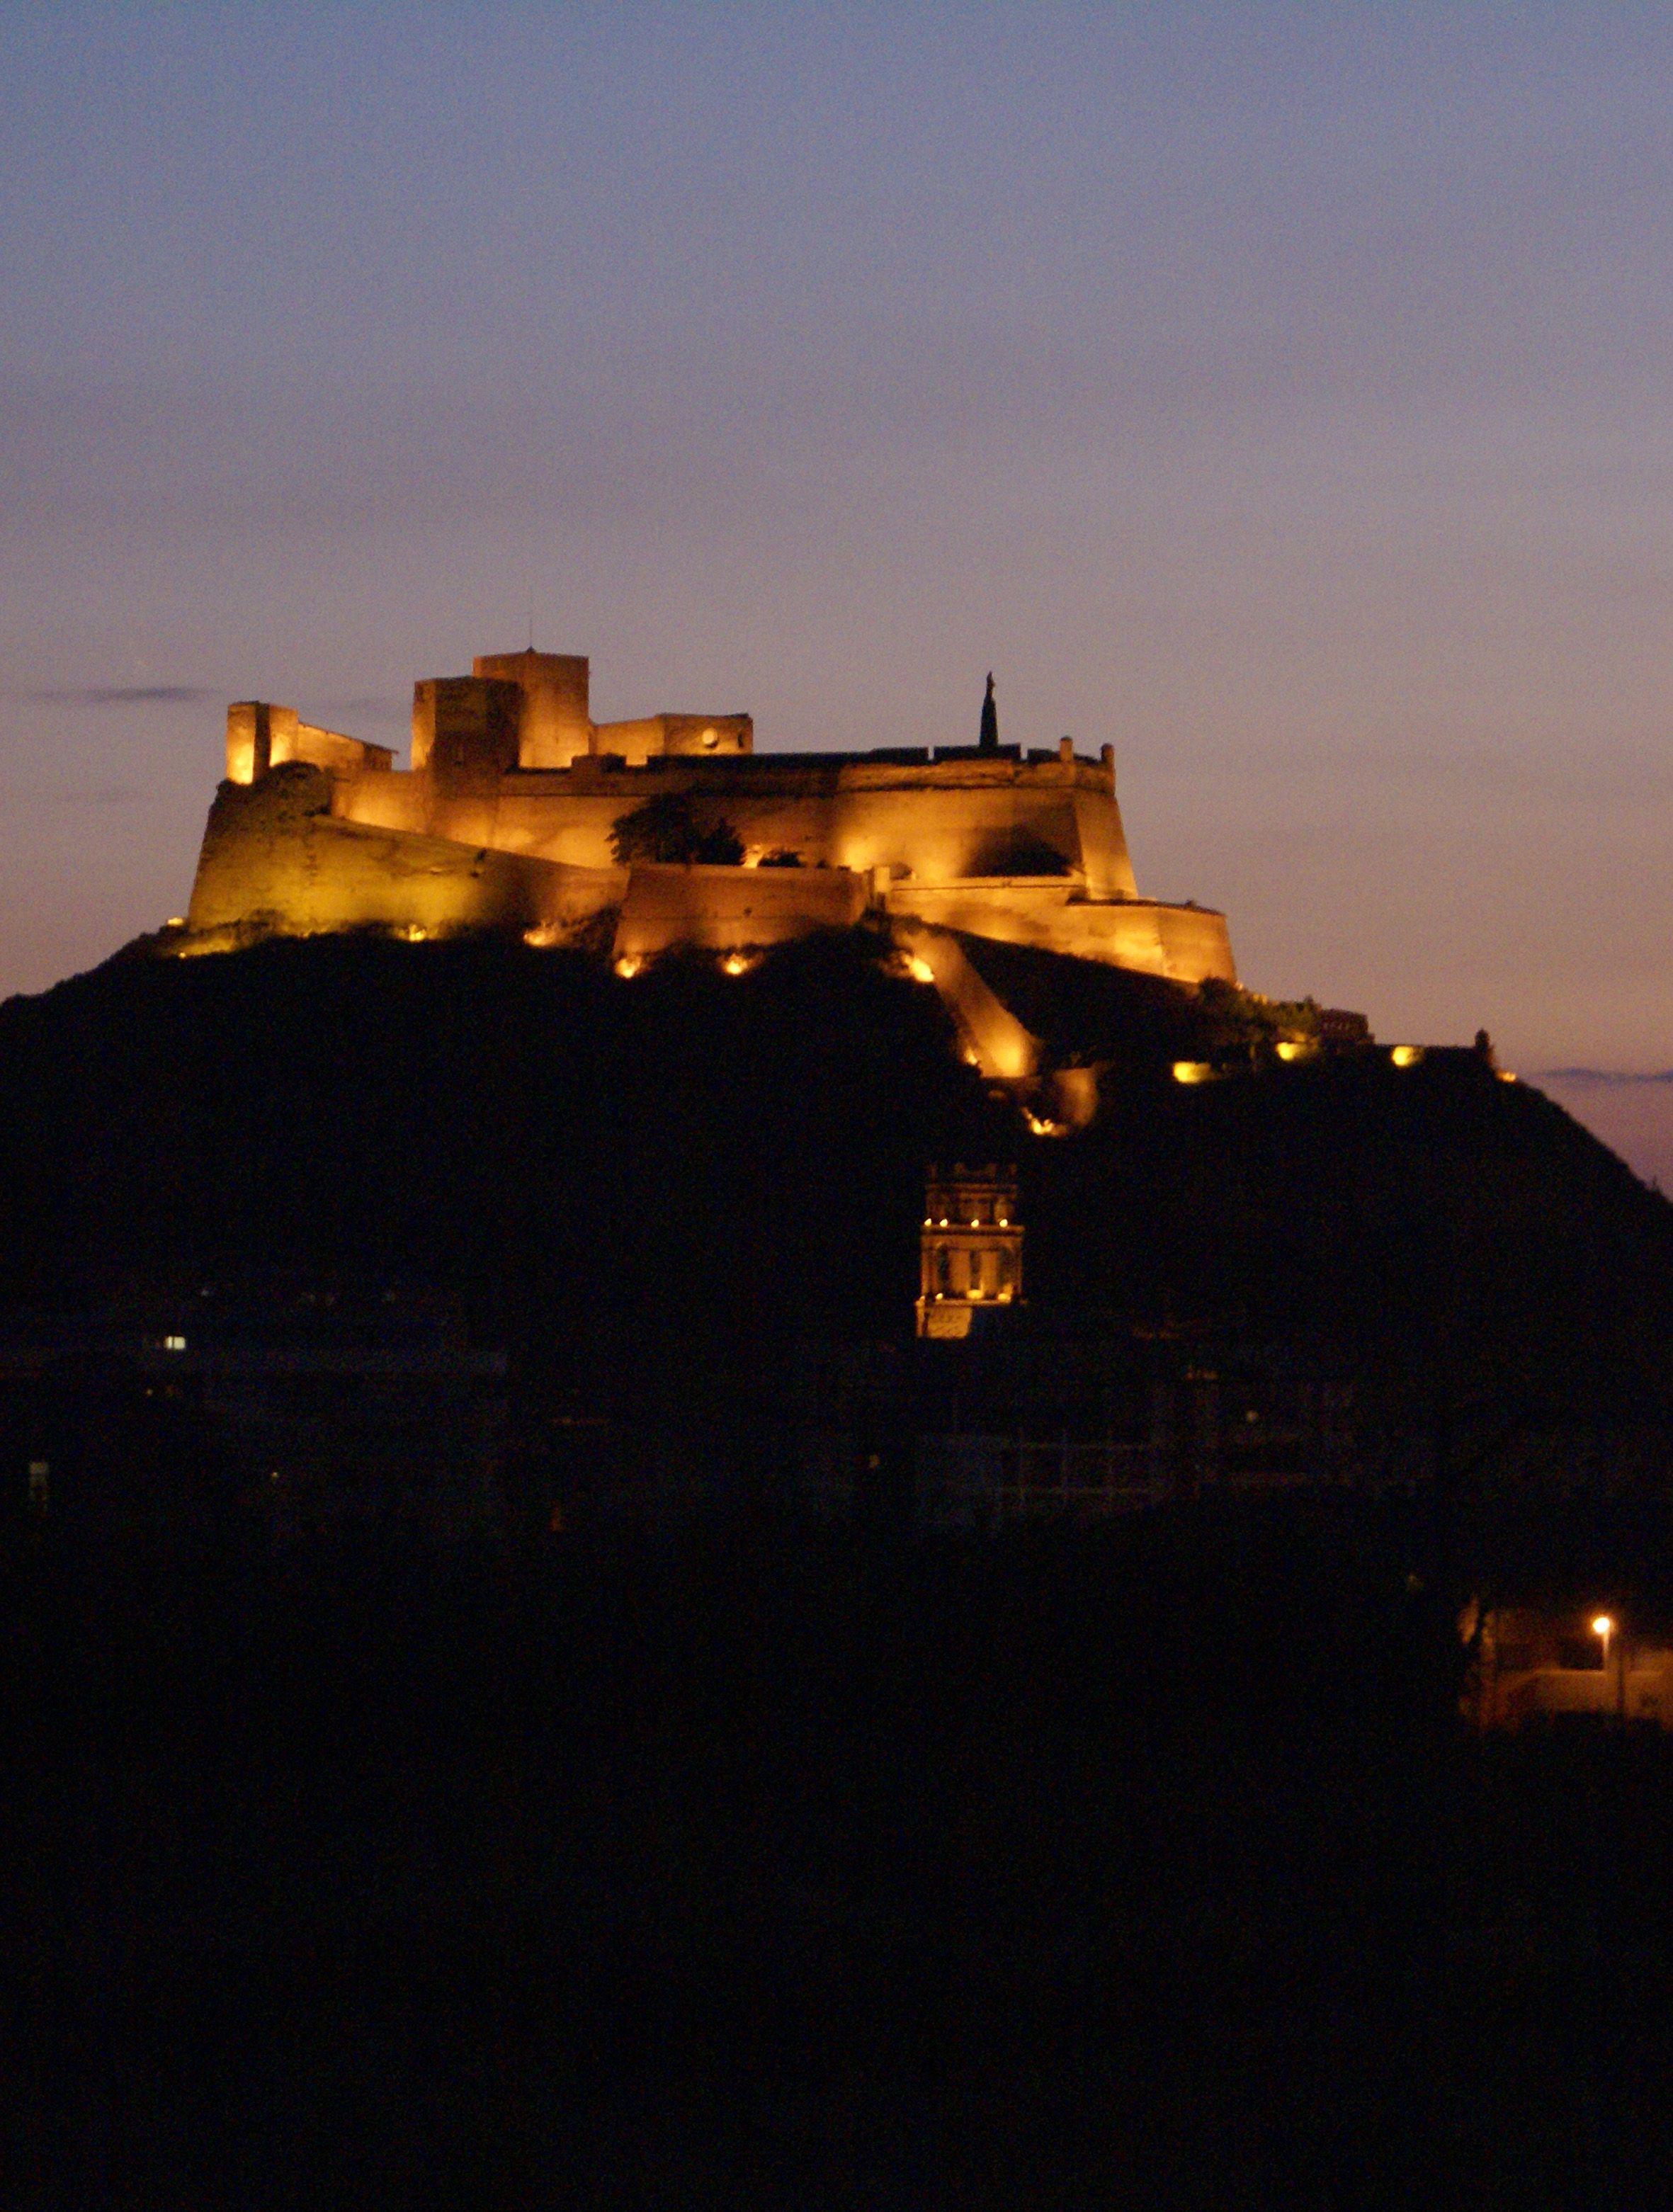 CASTLES OF SPAIN - Castillo de Monzón (Huesca). De origen árabe (Siglo X) pasa a manos   cristianas en 1089 al ser conquistada la población por Sancho Ramírez. En 1143 el castillo es cedido   a la orden del Temple y es completado con la adición de murallas, torres, caballerizas, refectorio y   dormitorios. El rey Jaime I residió durante su niñez en la fortaleza protegido por los templarios. Tras   ser sitiado en 1309 por Jaime II, pasó a ser de los Hospitalarios.